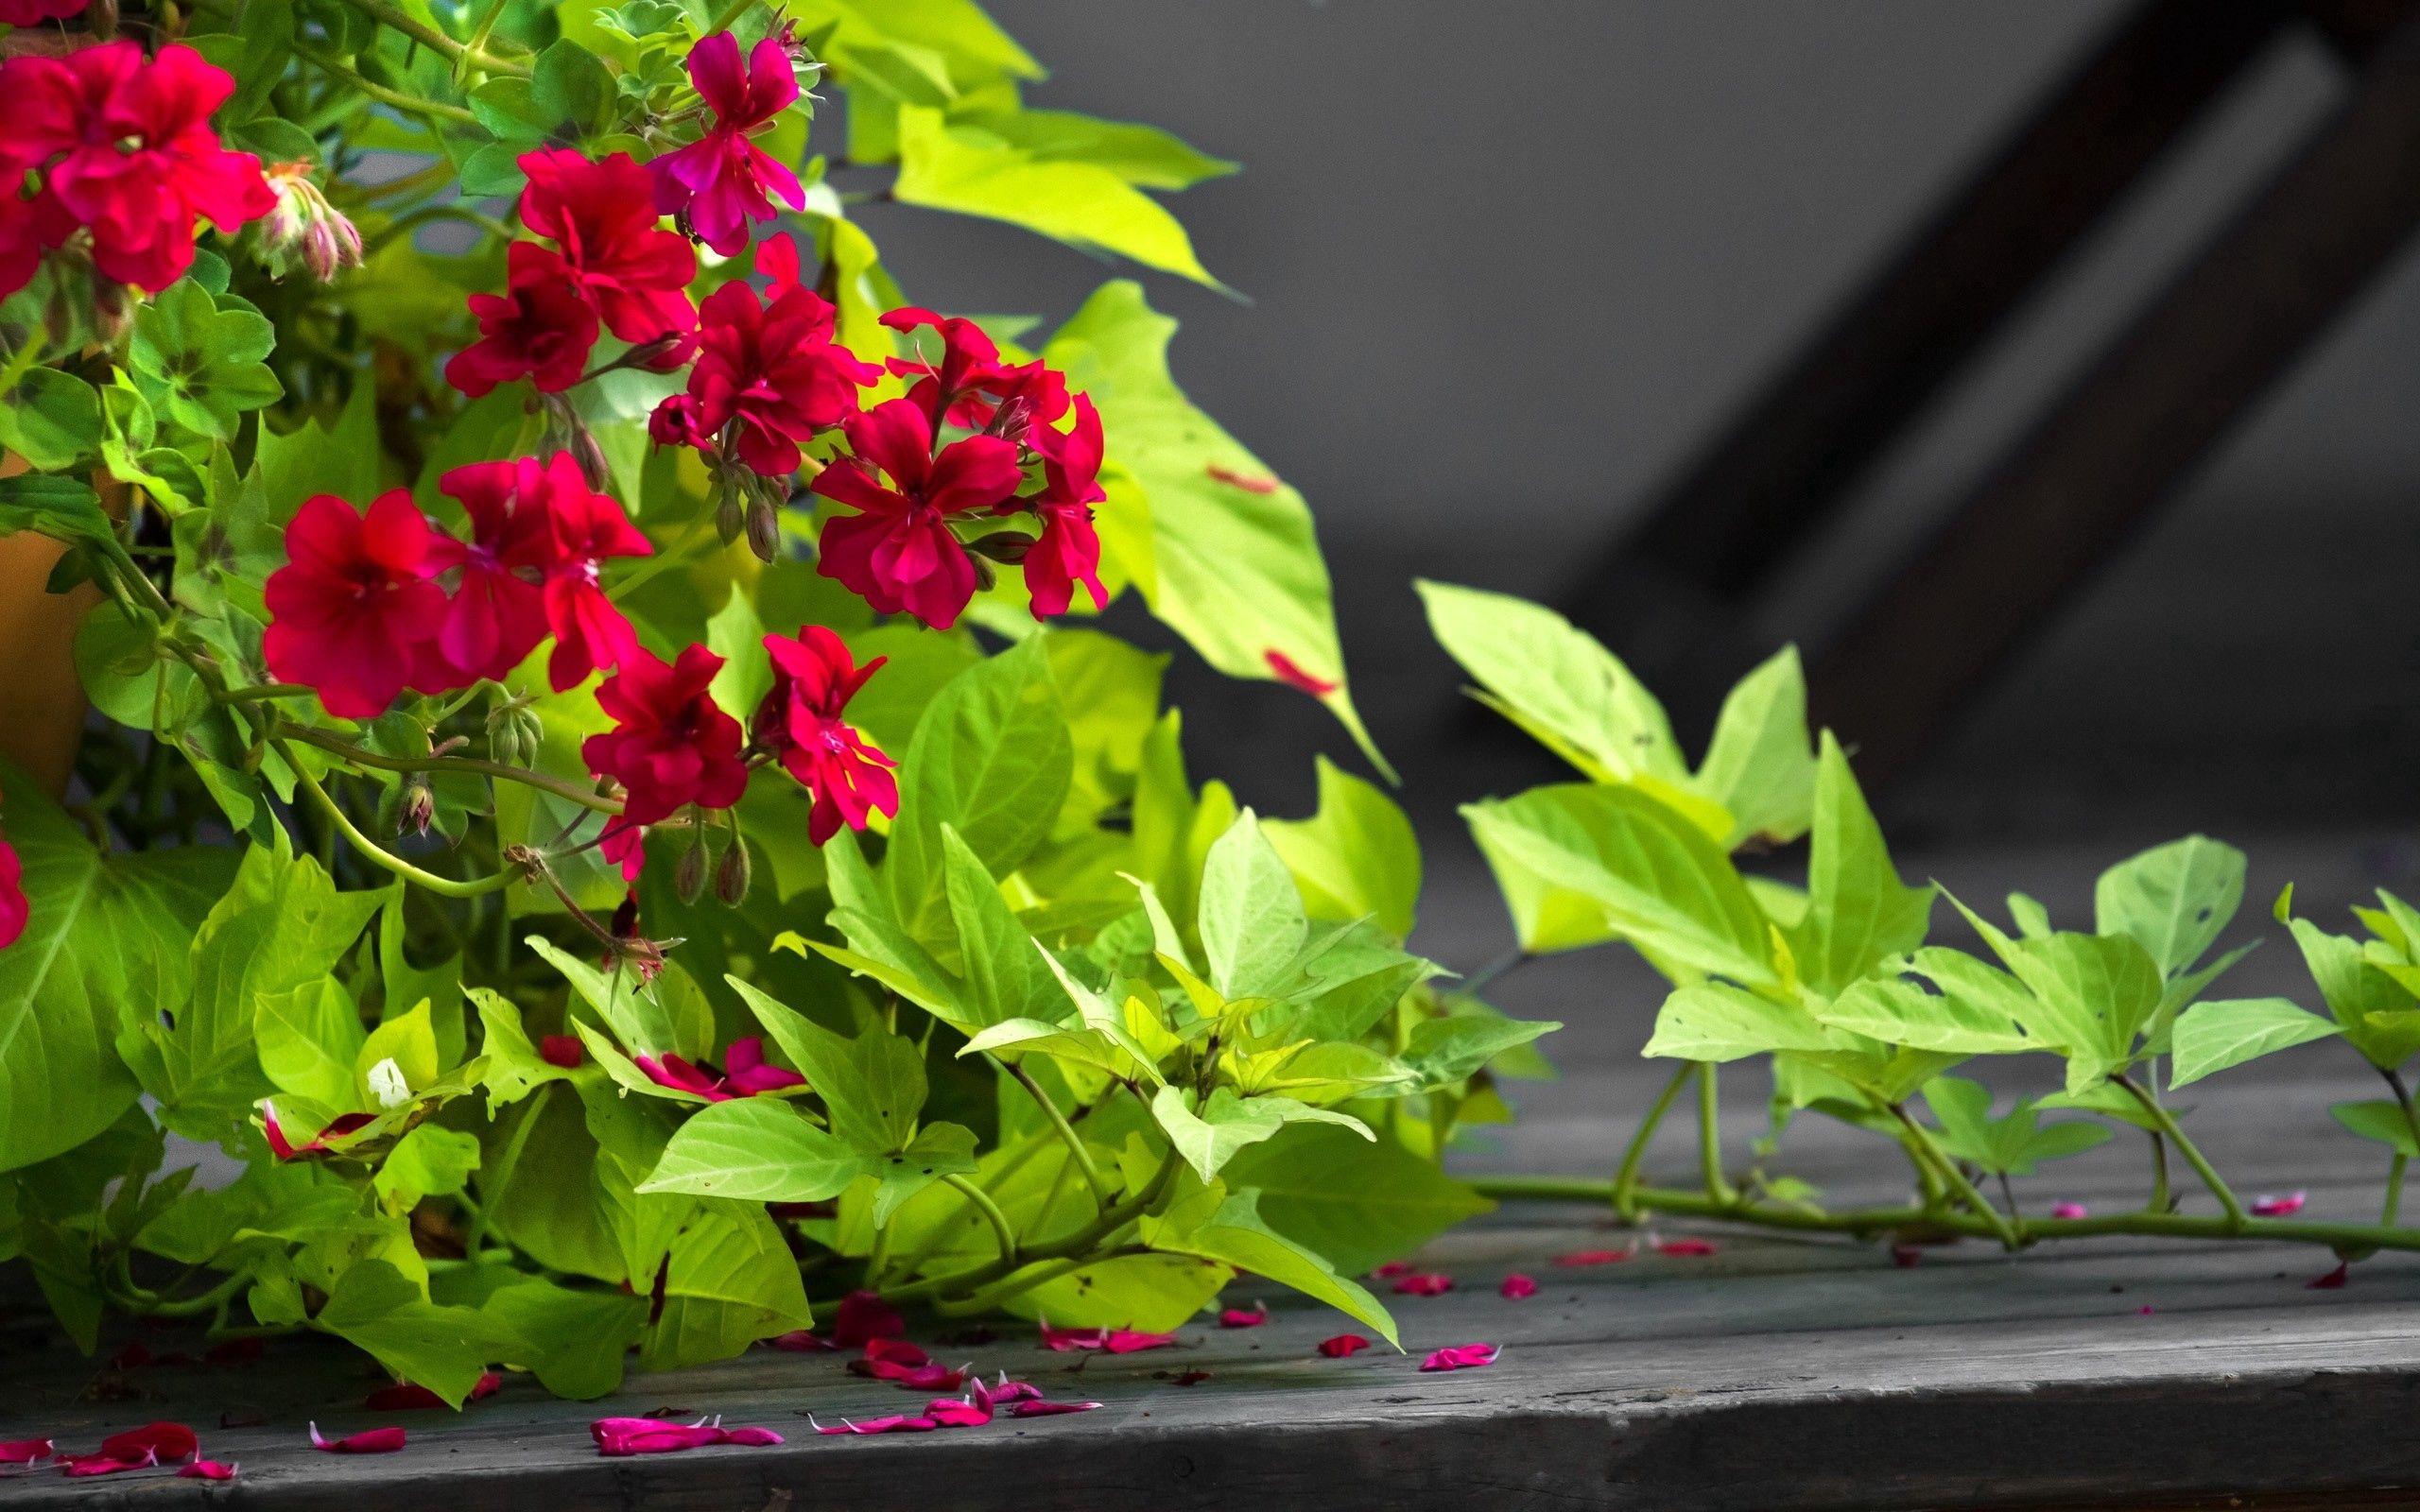 52446 Hintergrundbild herunterladen Blumen, Blätter, Bindweed, Blütenblätter, Töpfe, Pflanzentopf - Bildschirmschoner und Bilder kostenlos